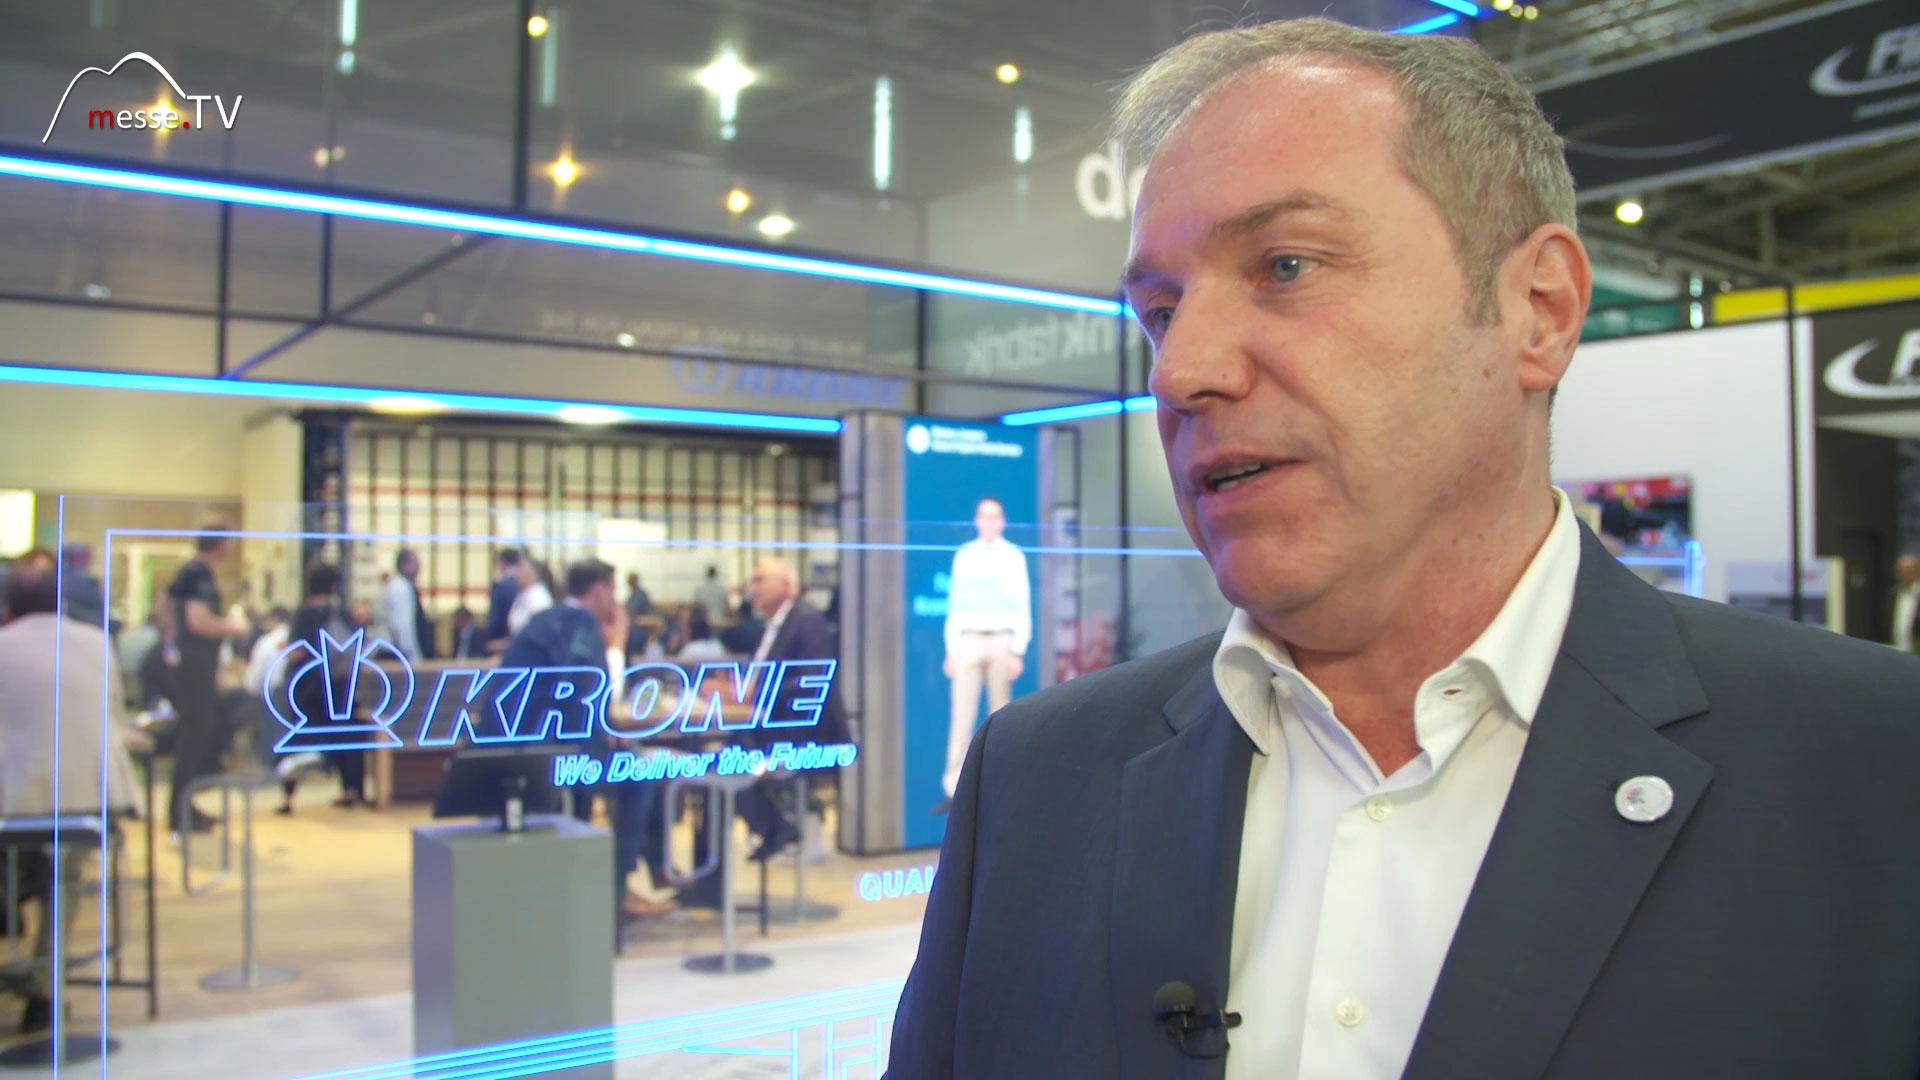 KRONE Interview Stefan Oelker transport logistic Messe München